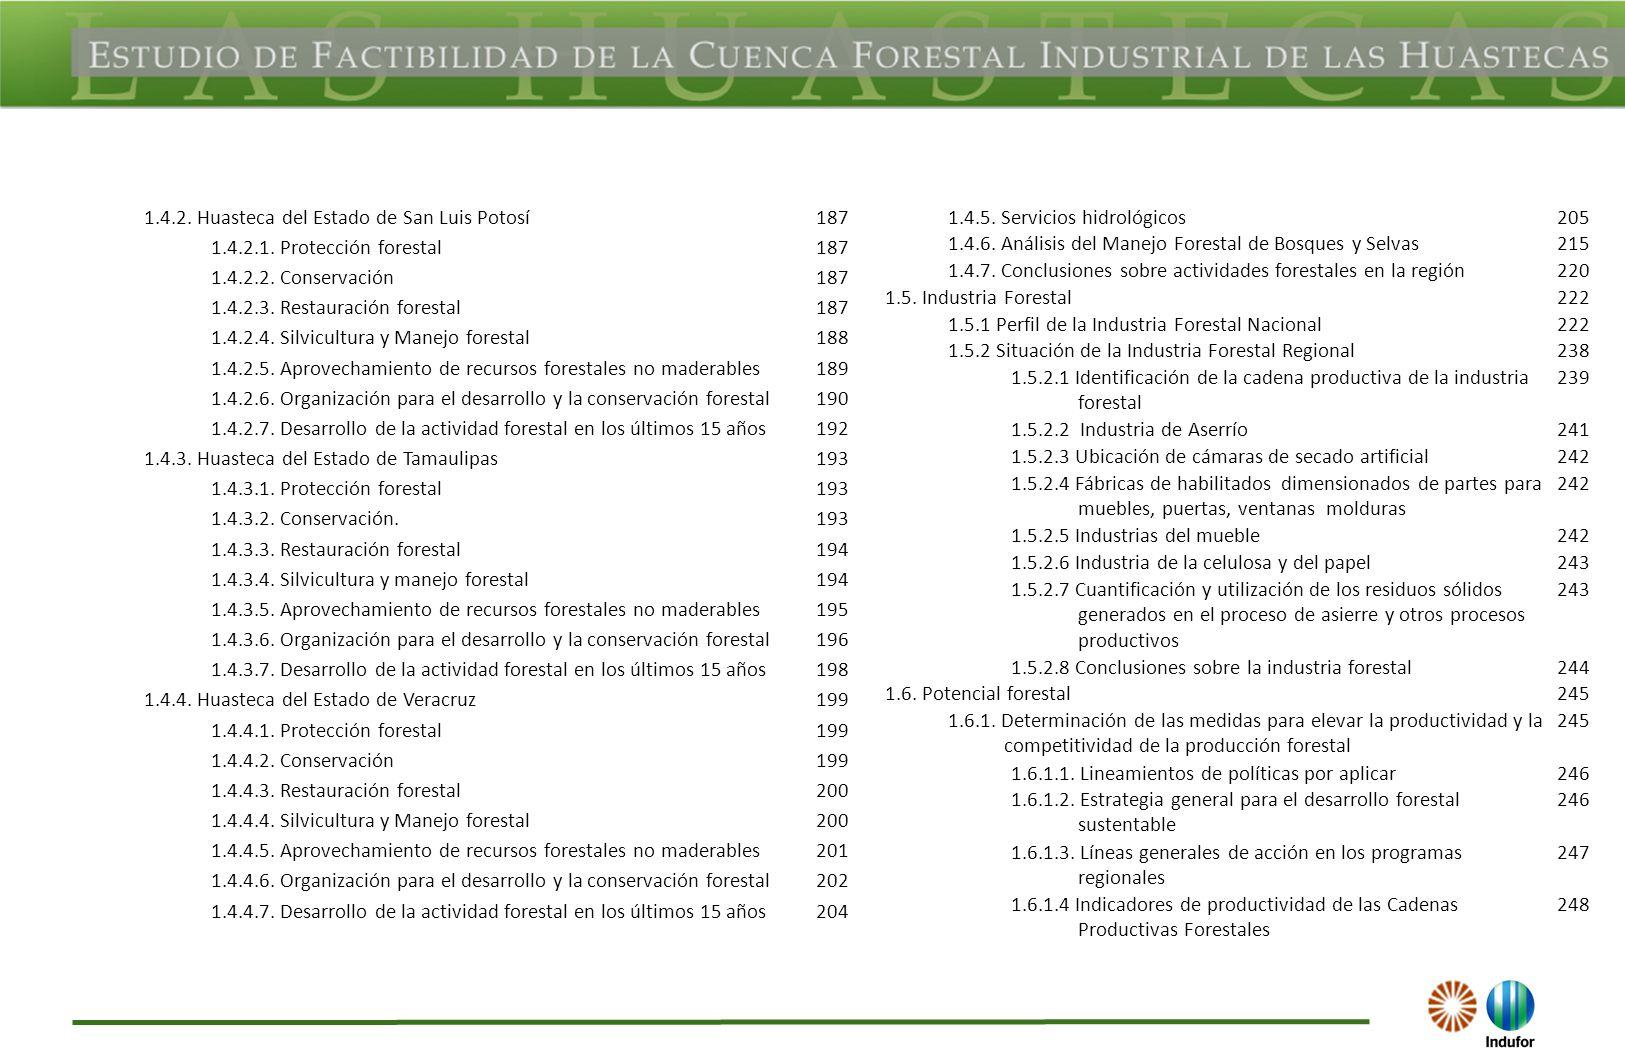 1.4.2. Huasteca del Estado de San Luis Potosí